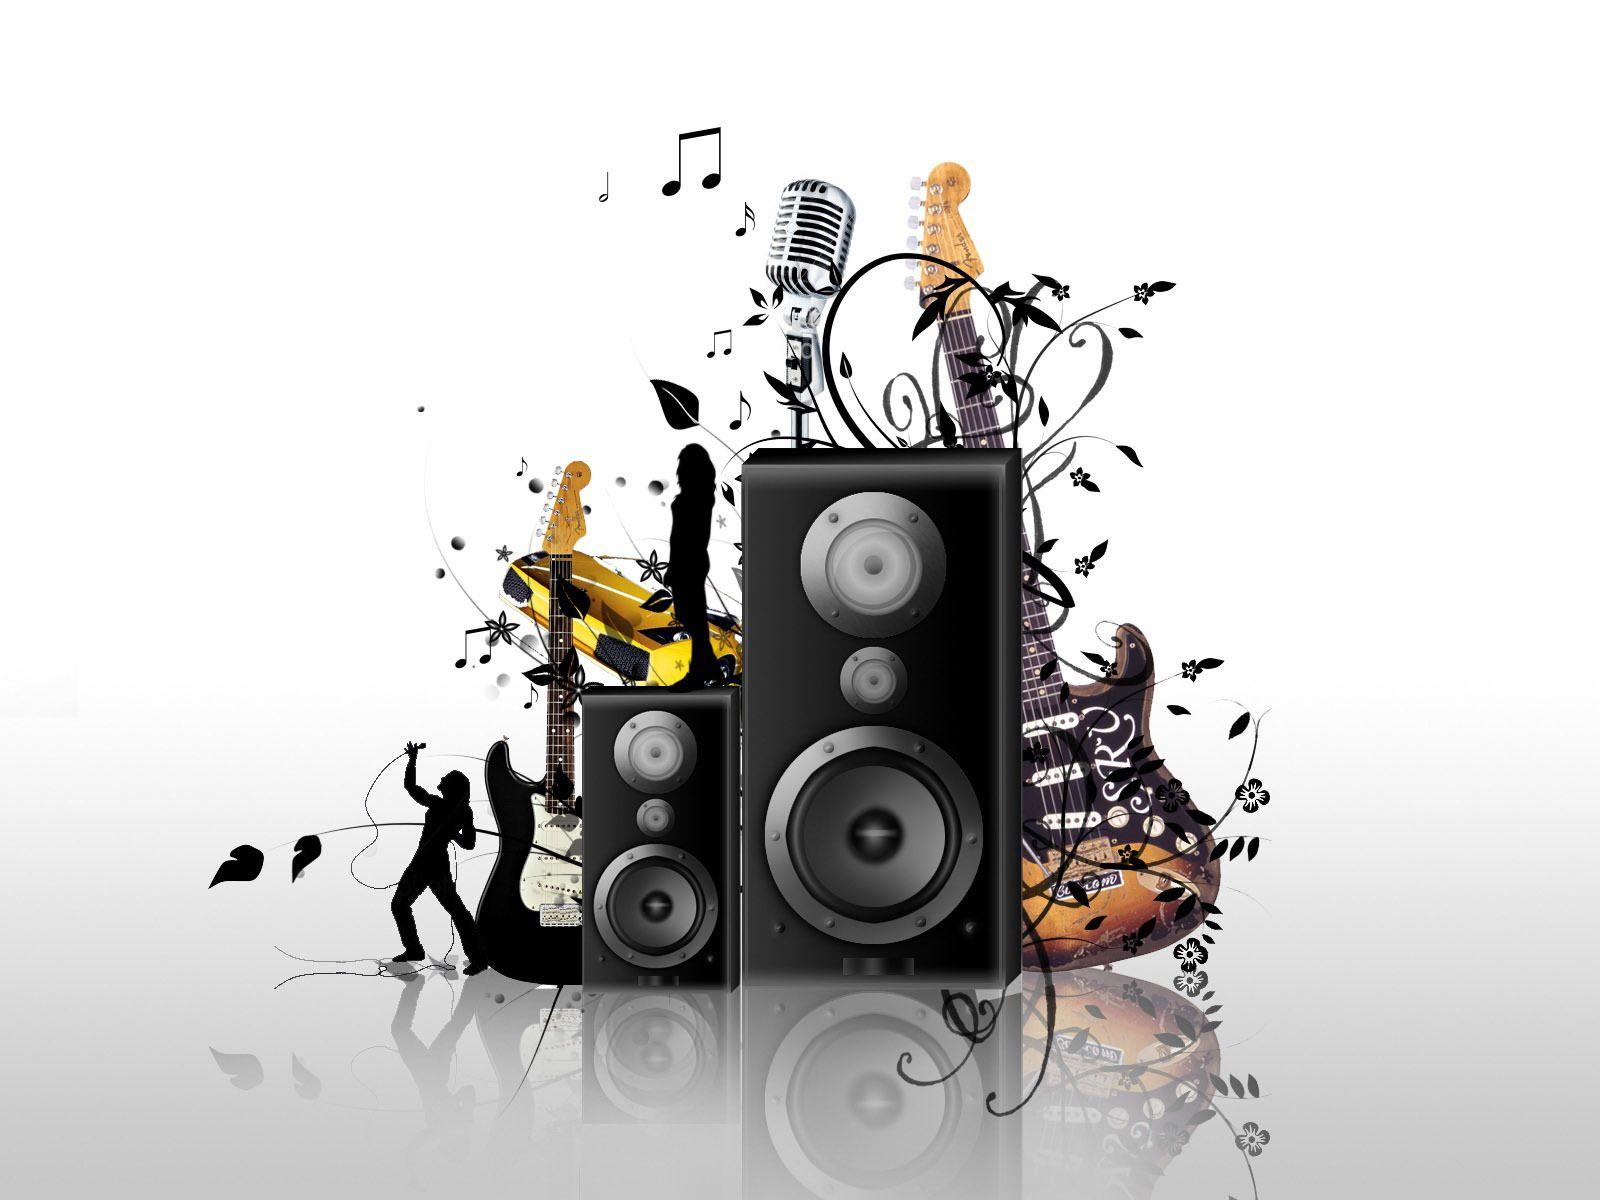 Wallpaper bocinas e instrumentos musicales